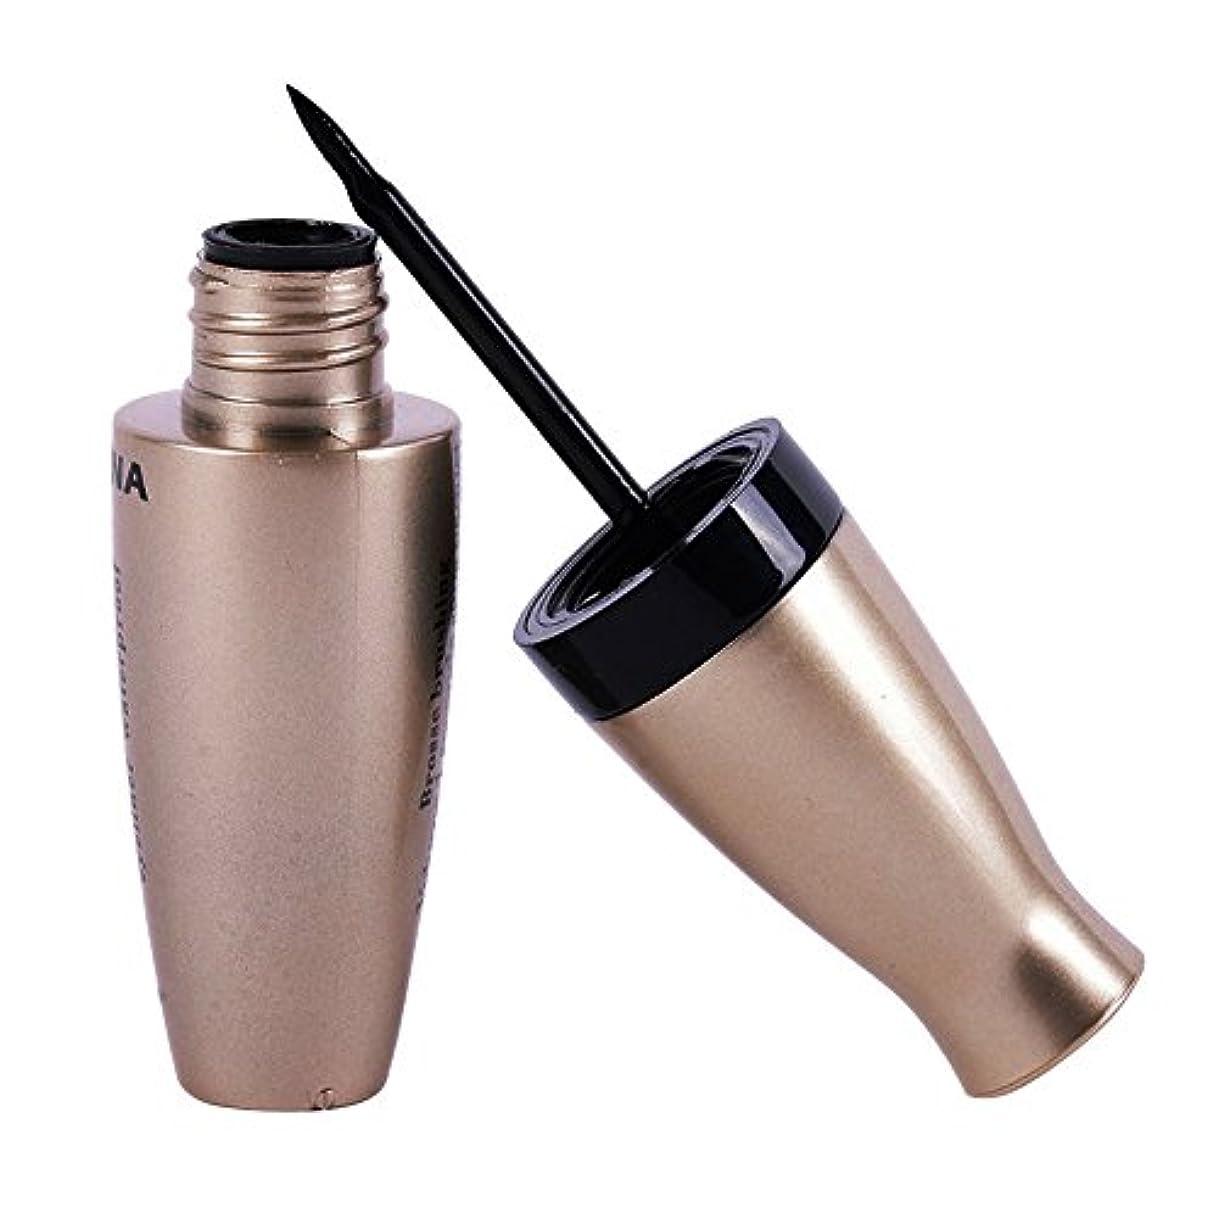 髄モルヒネすなわち新しいアイライナー防水リキッドアイライナーペンシルペンメイクアップ美容化粧品